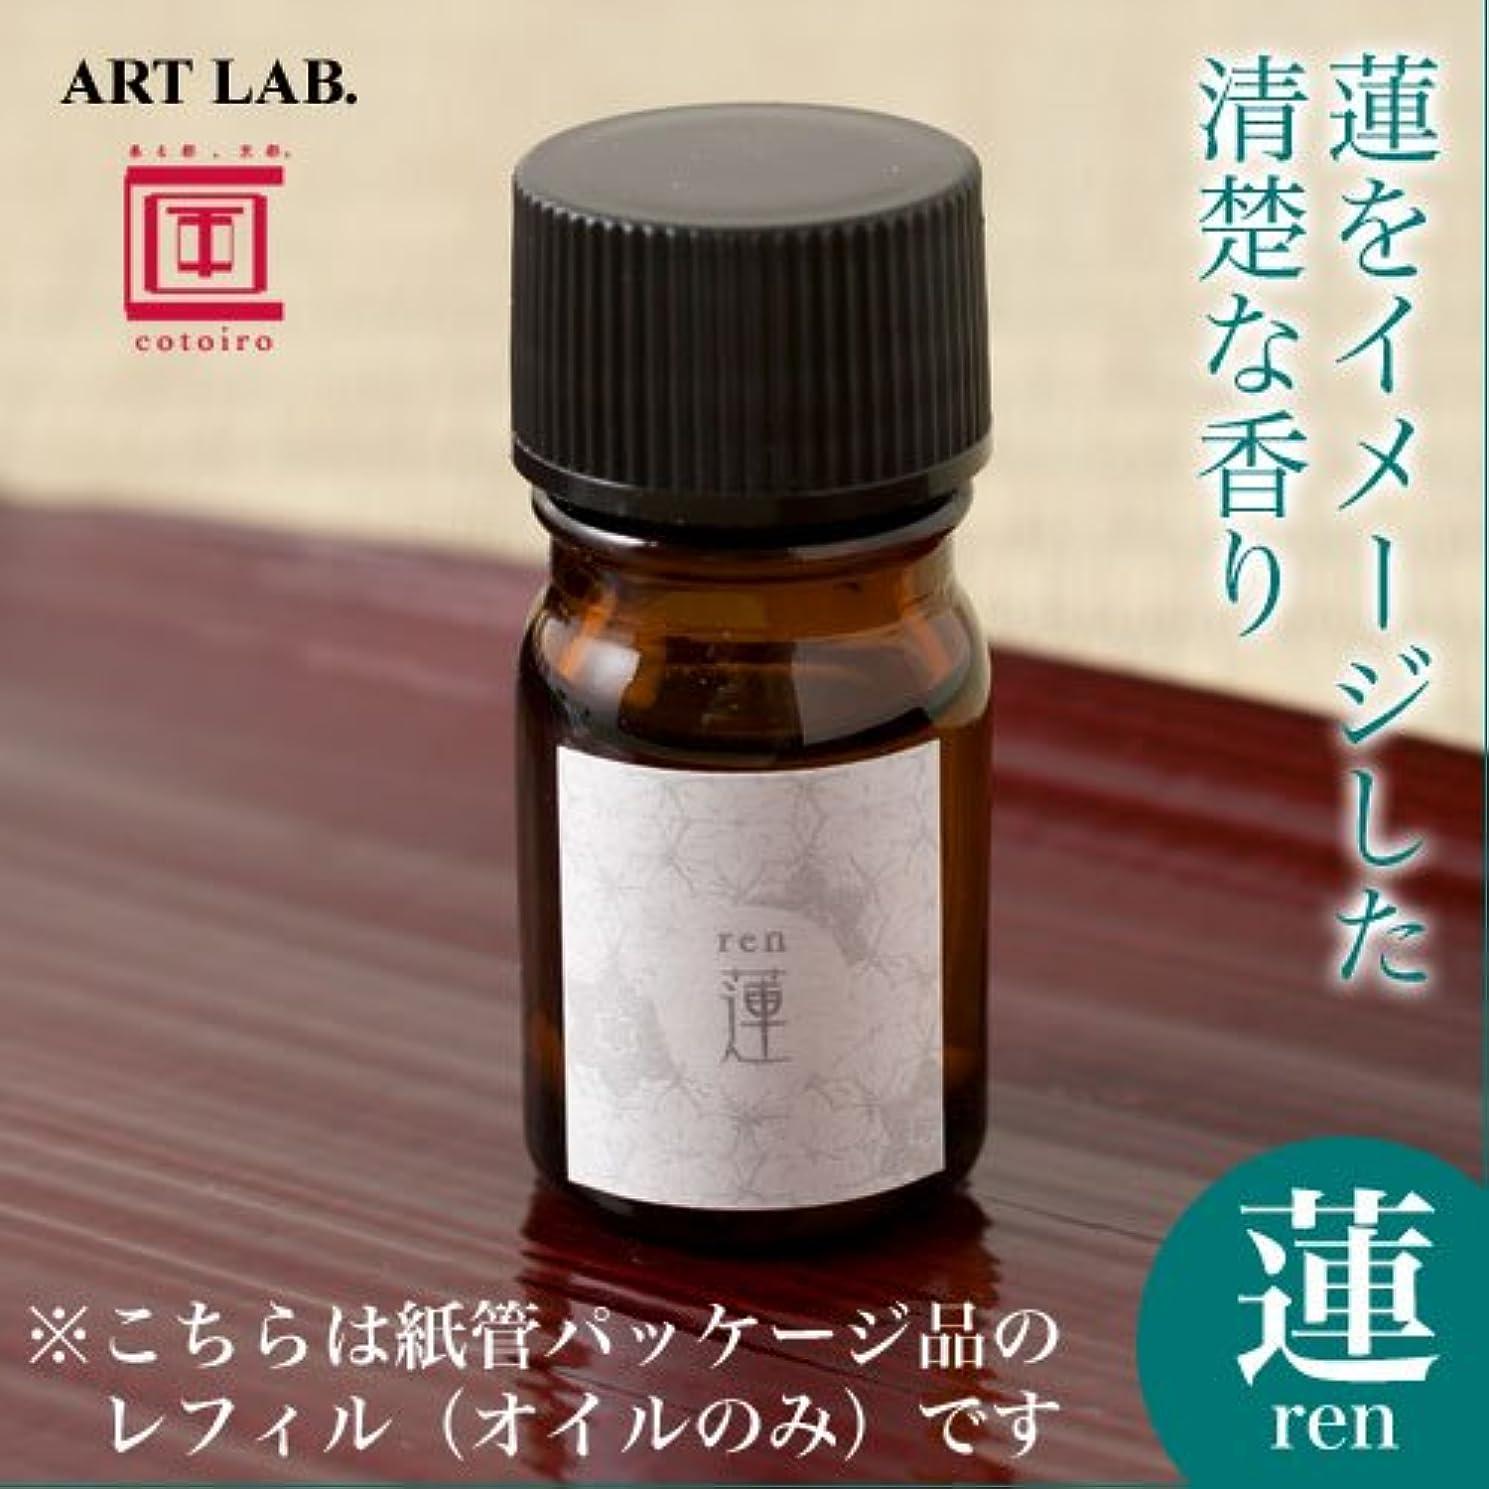 ART LAB cotoiro香油蓮 renレフィル